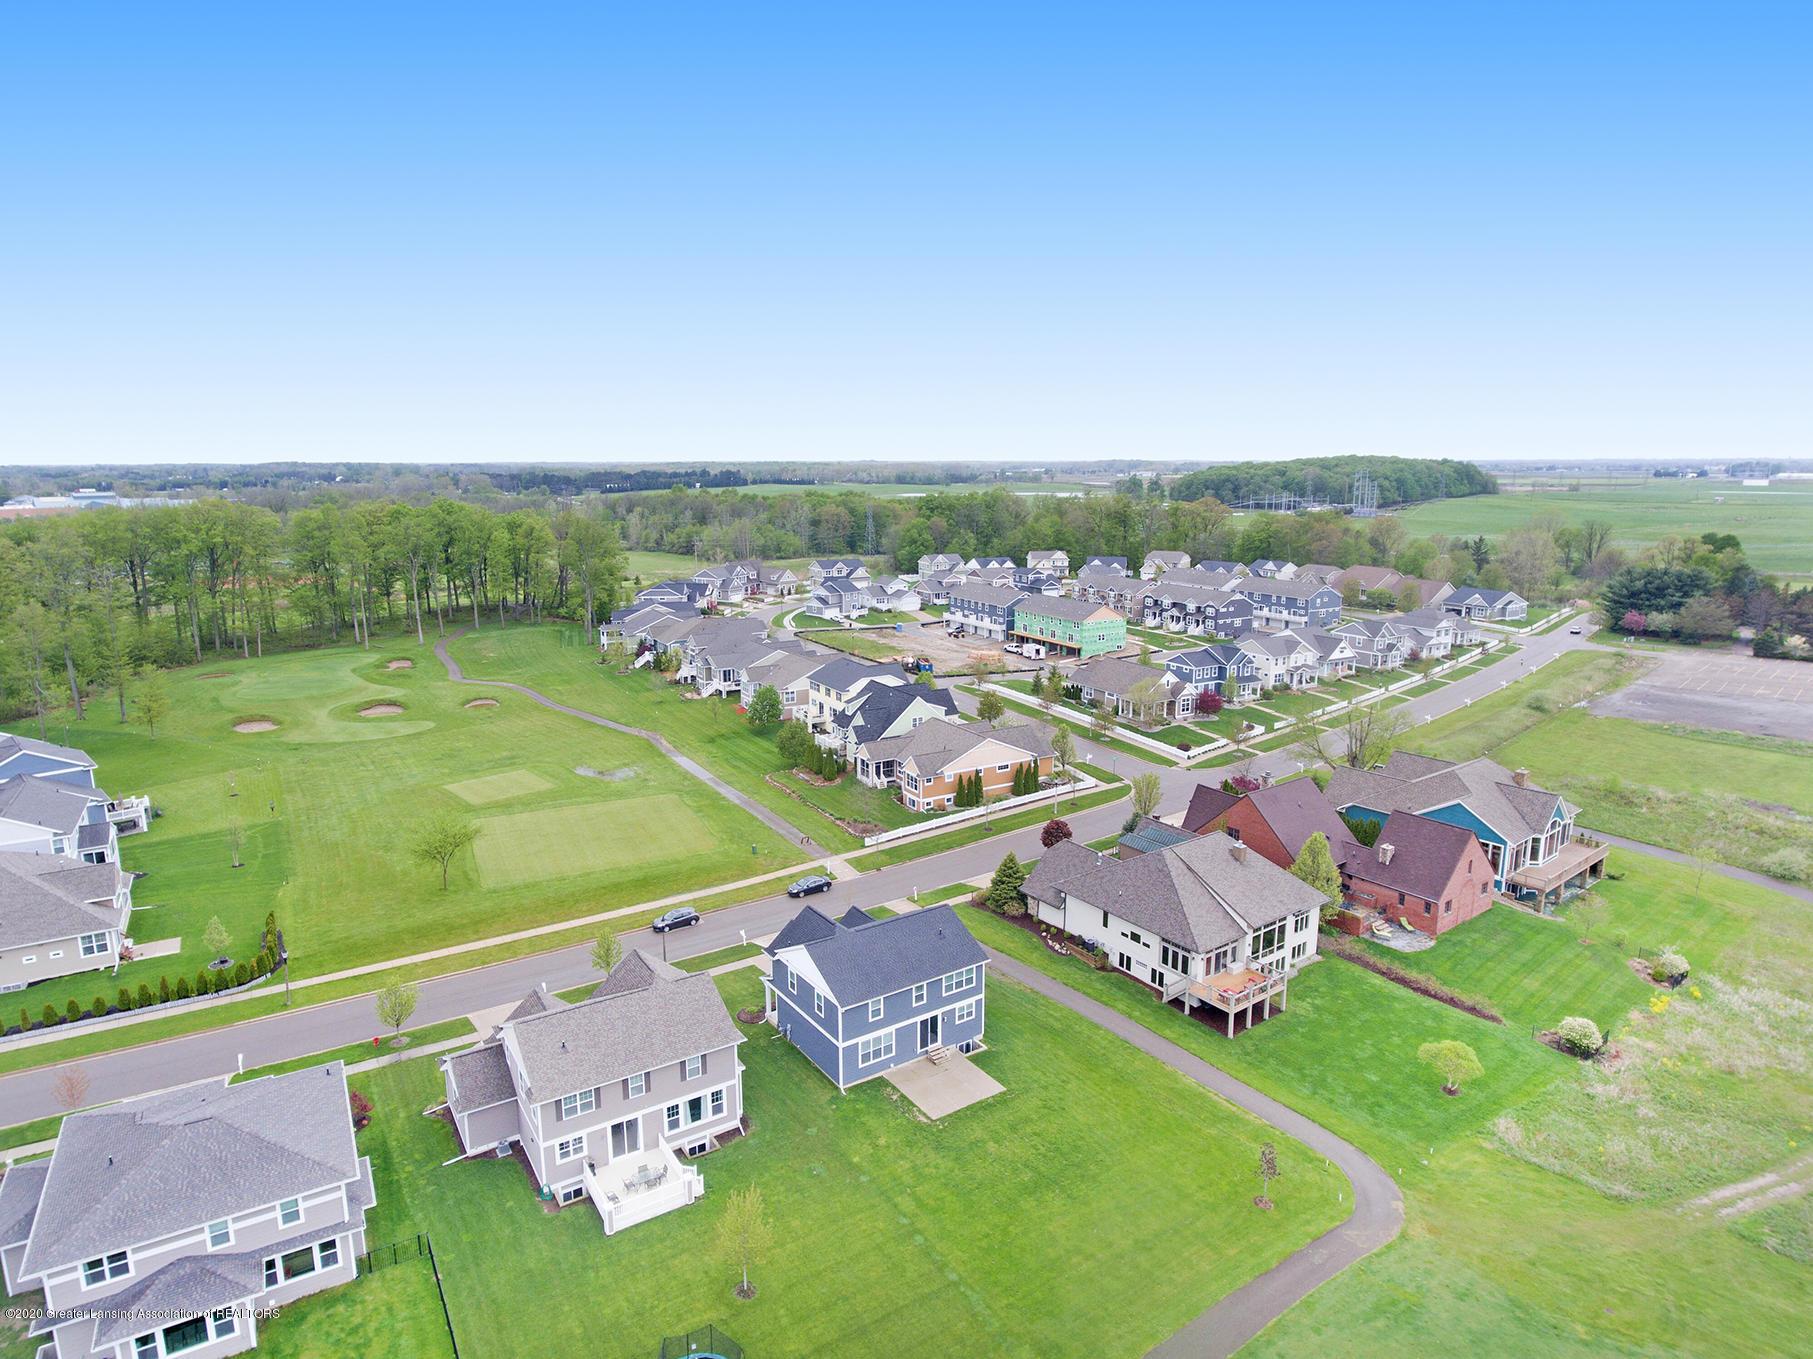 2818 Kittansett Dr - Aerial View - 66